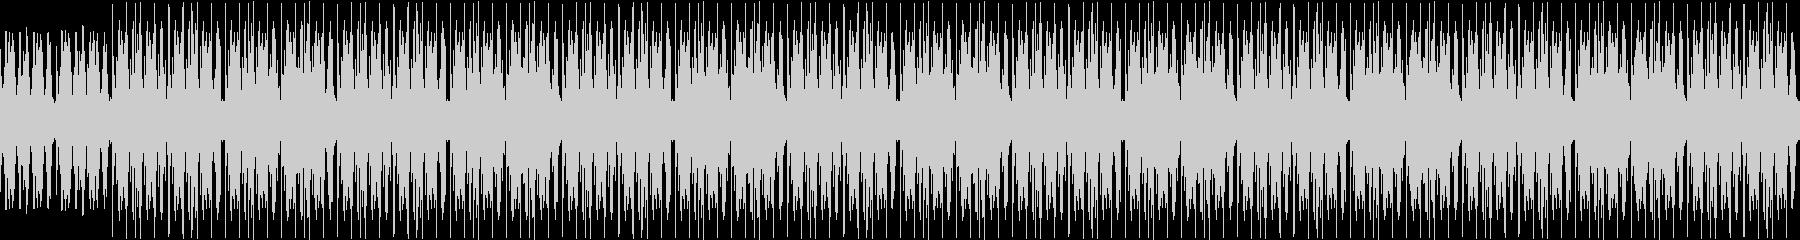 【BGM】シティ・リラックス・ネオンの未再生の波形